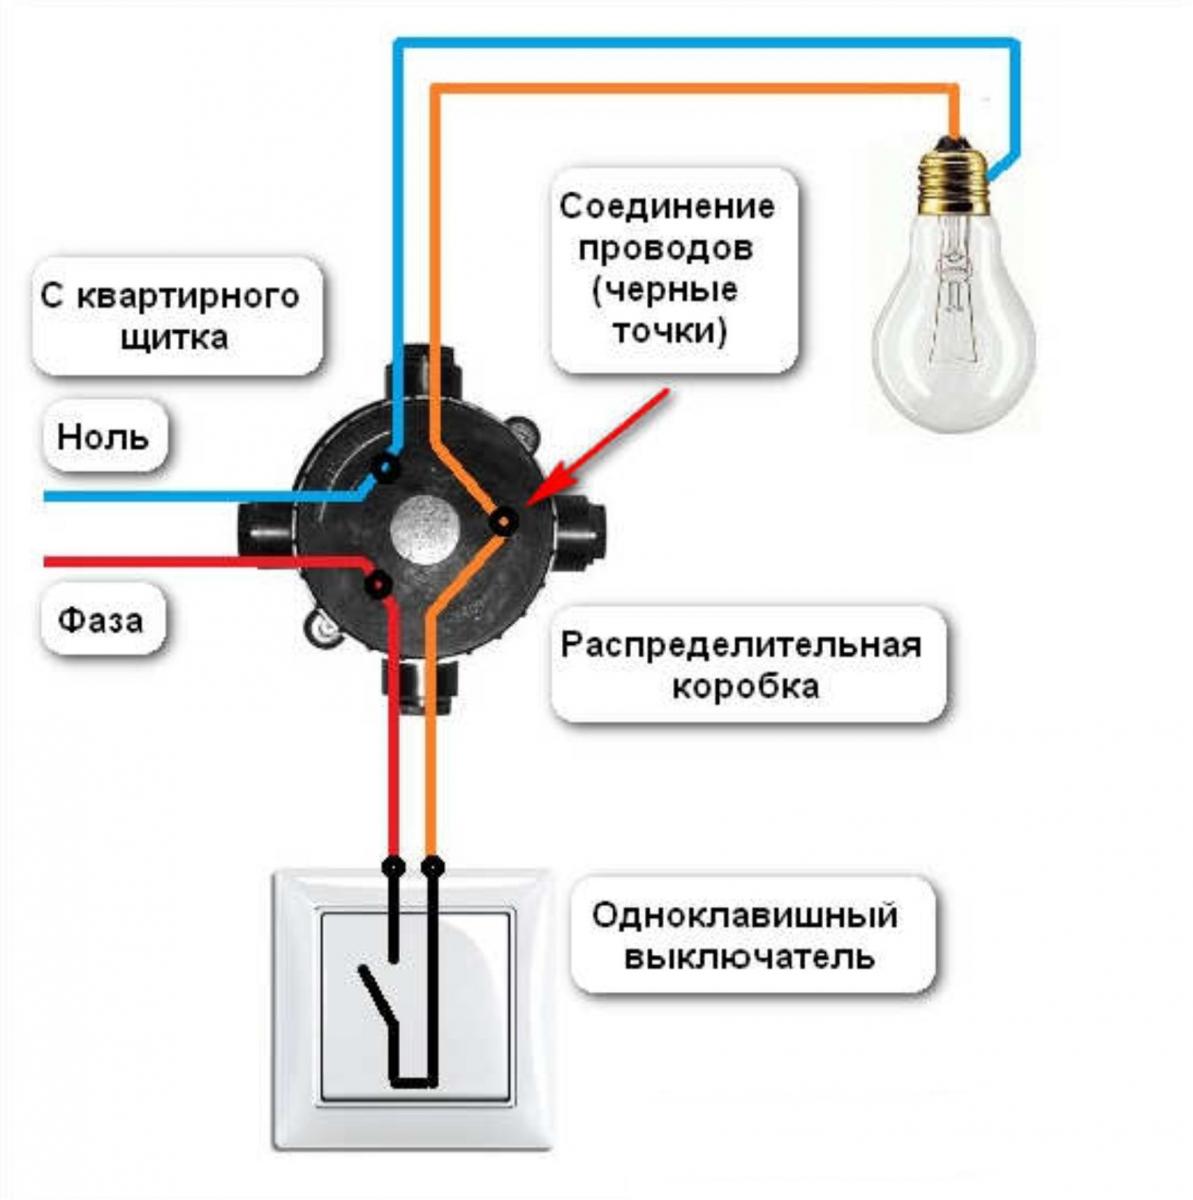 схема подключения выключателя и лампы